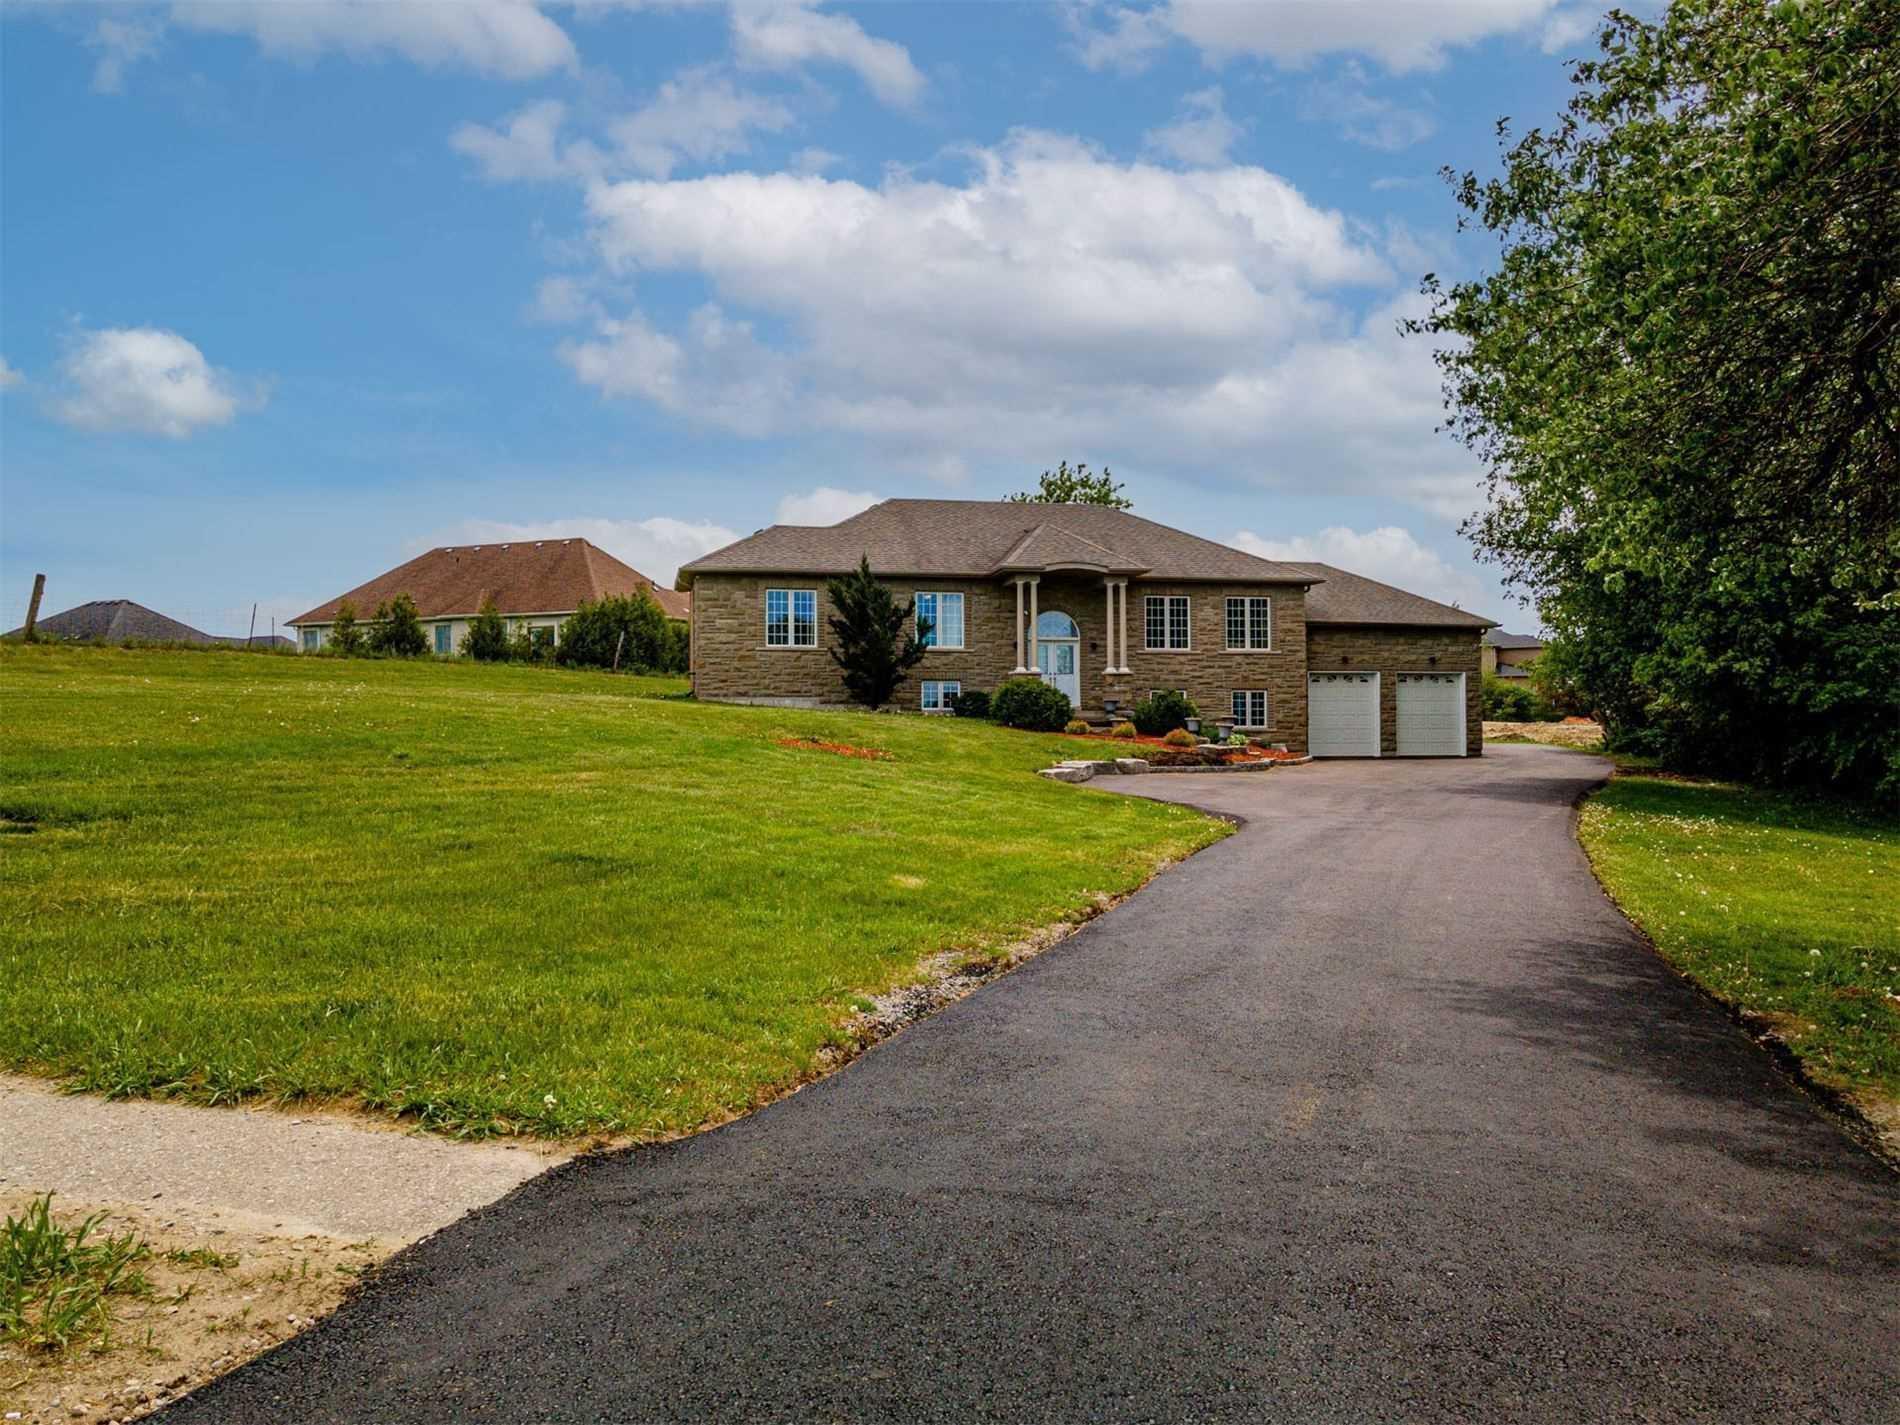 315 Highway 47 Rd - Rural Uxbridge Detached for sale, 3 Bedrooms (N5306115) - #3